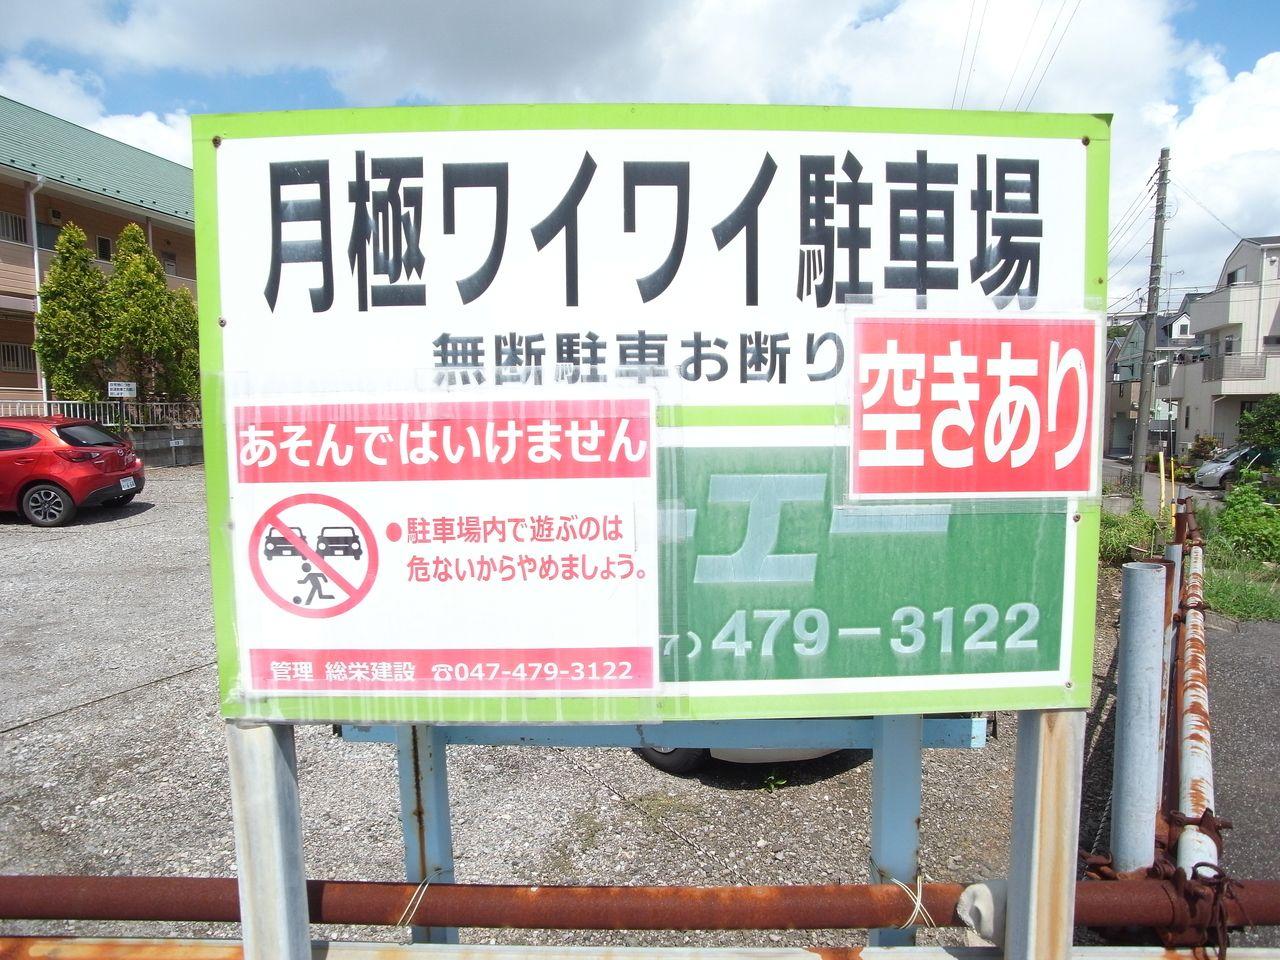 ☆近隣駐車場 空き情報☆ ワイワイ駐車場